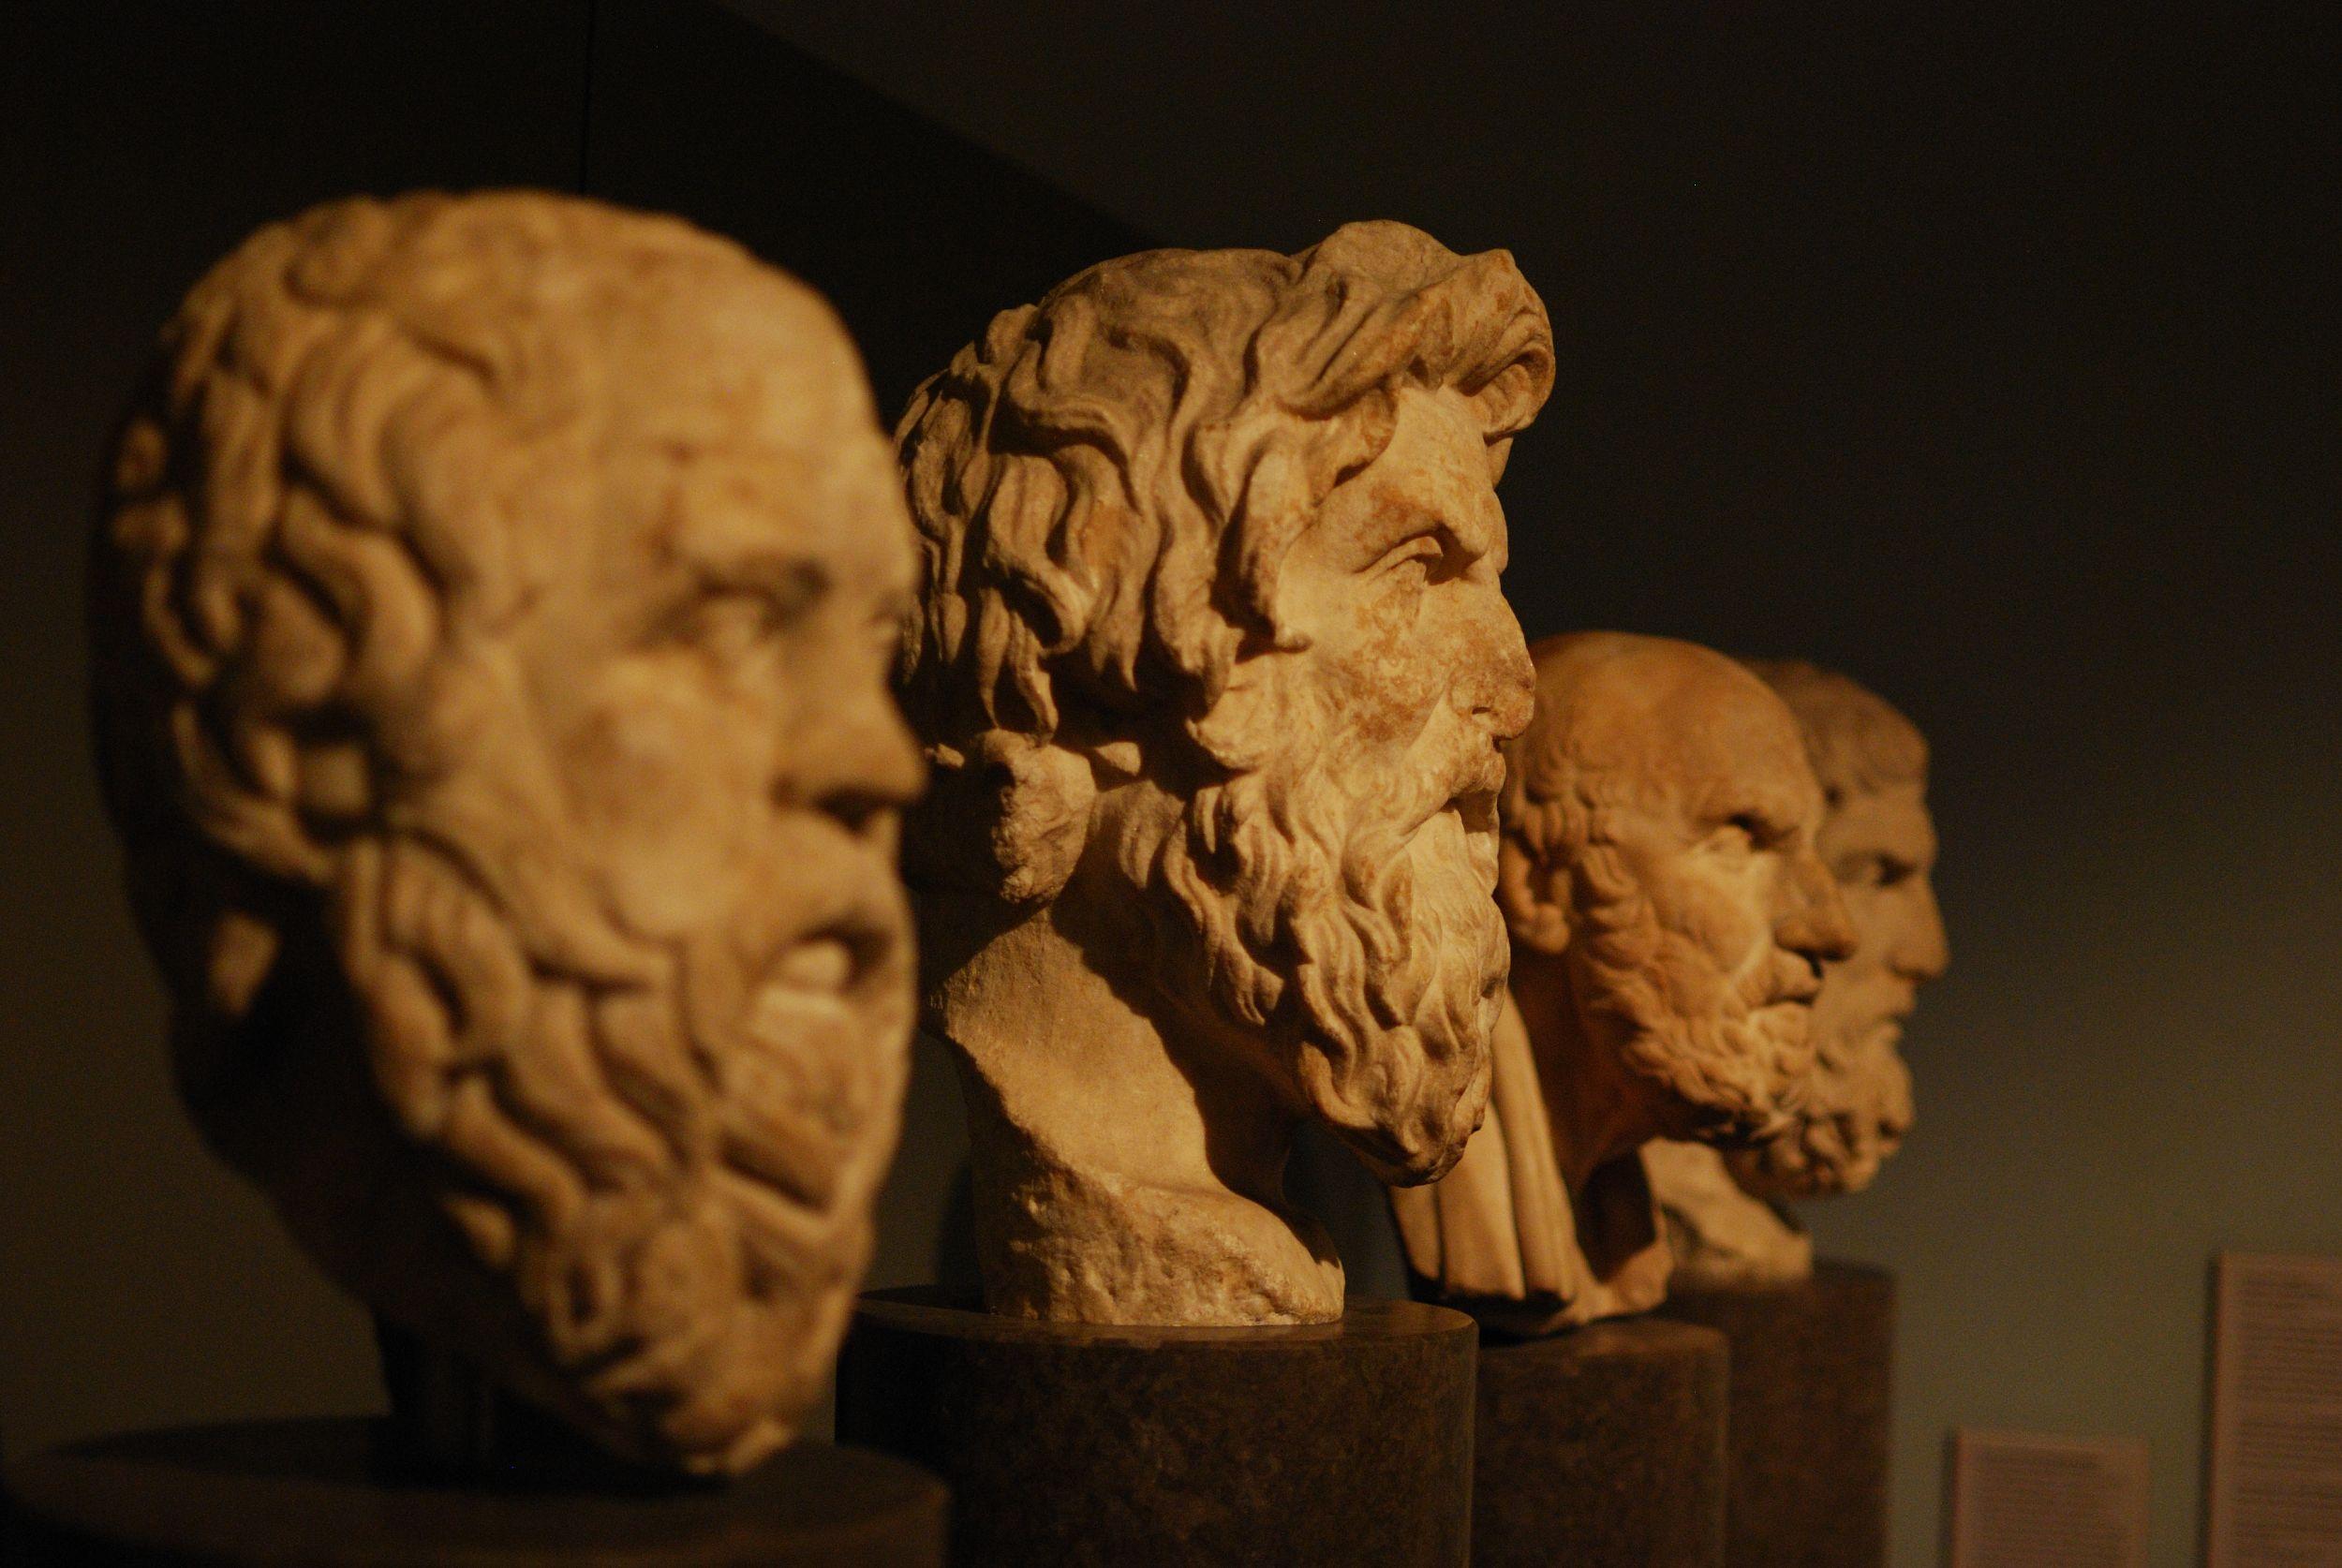 the origins of philosophy wonder